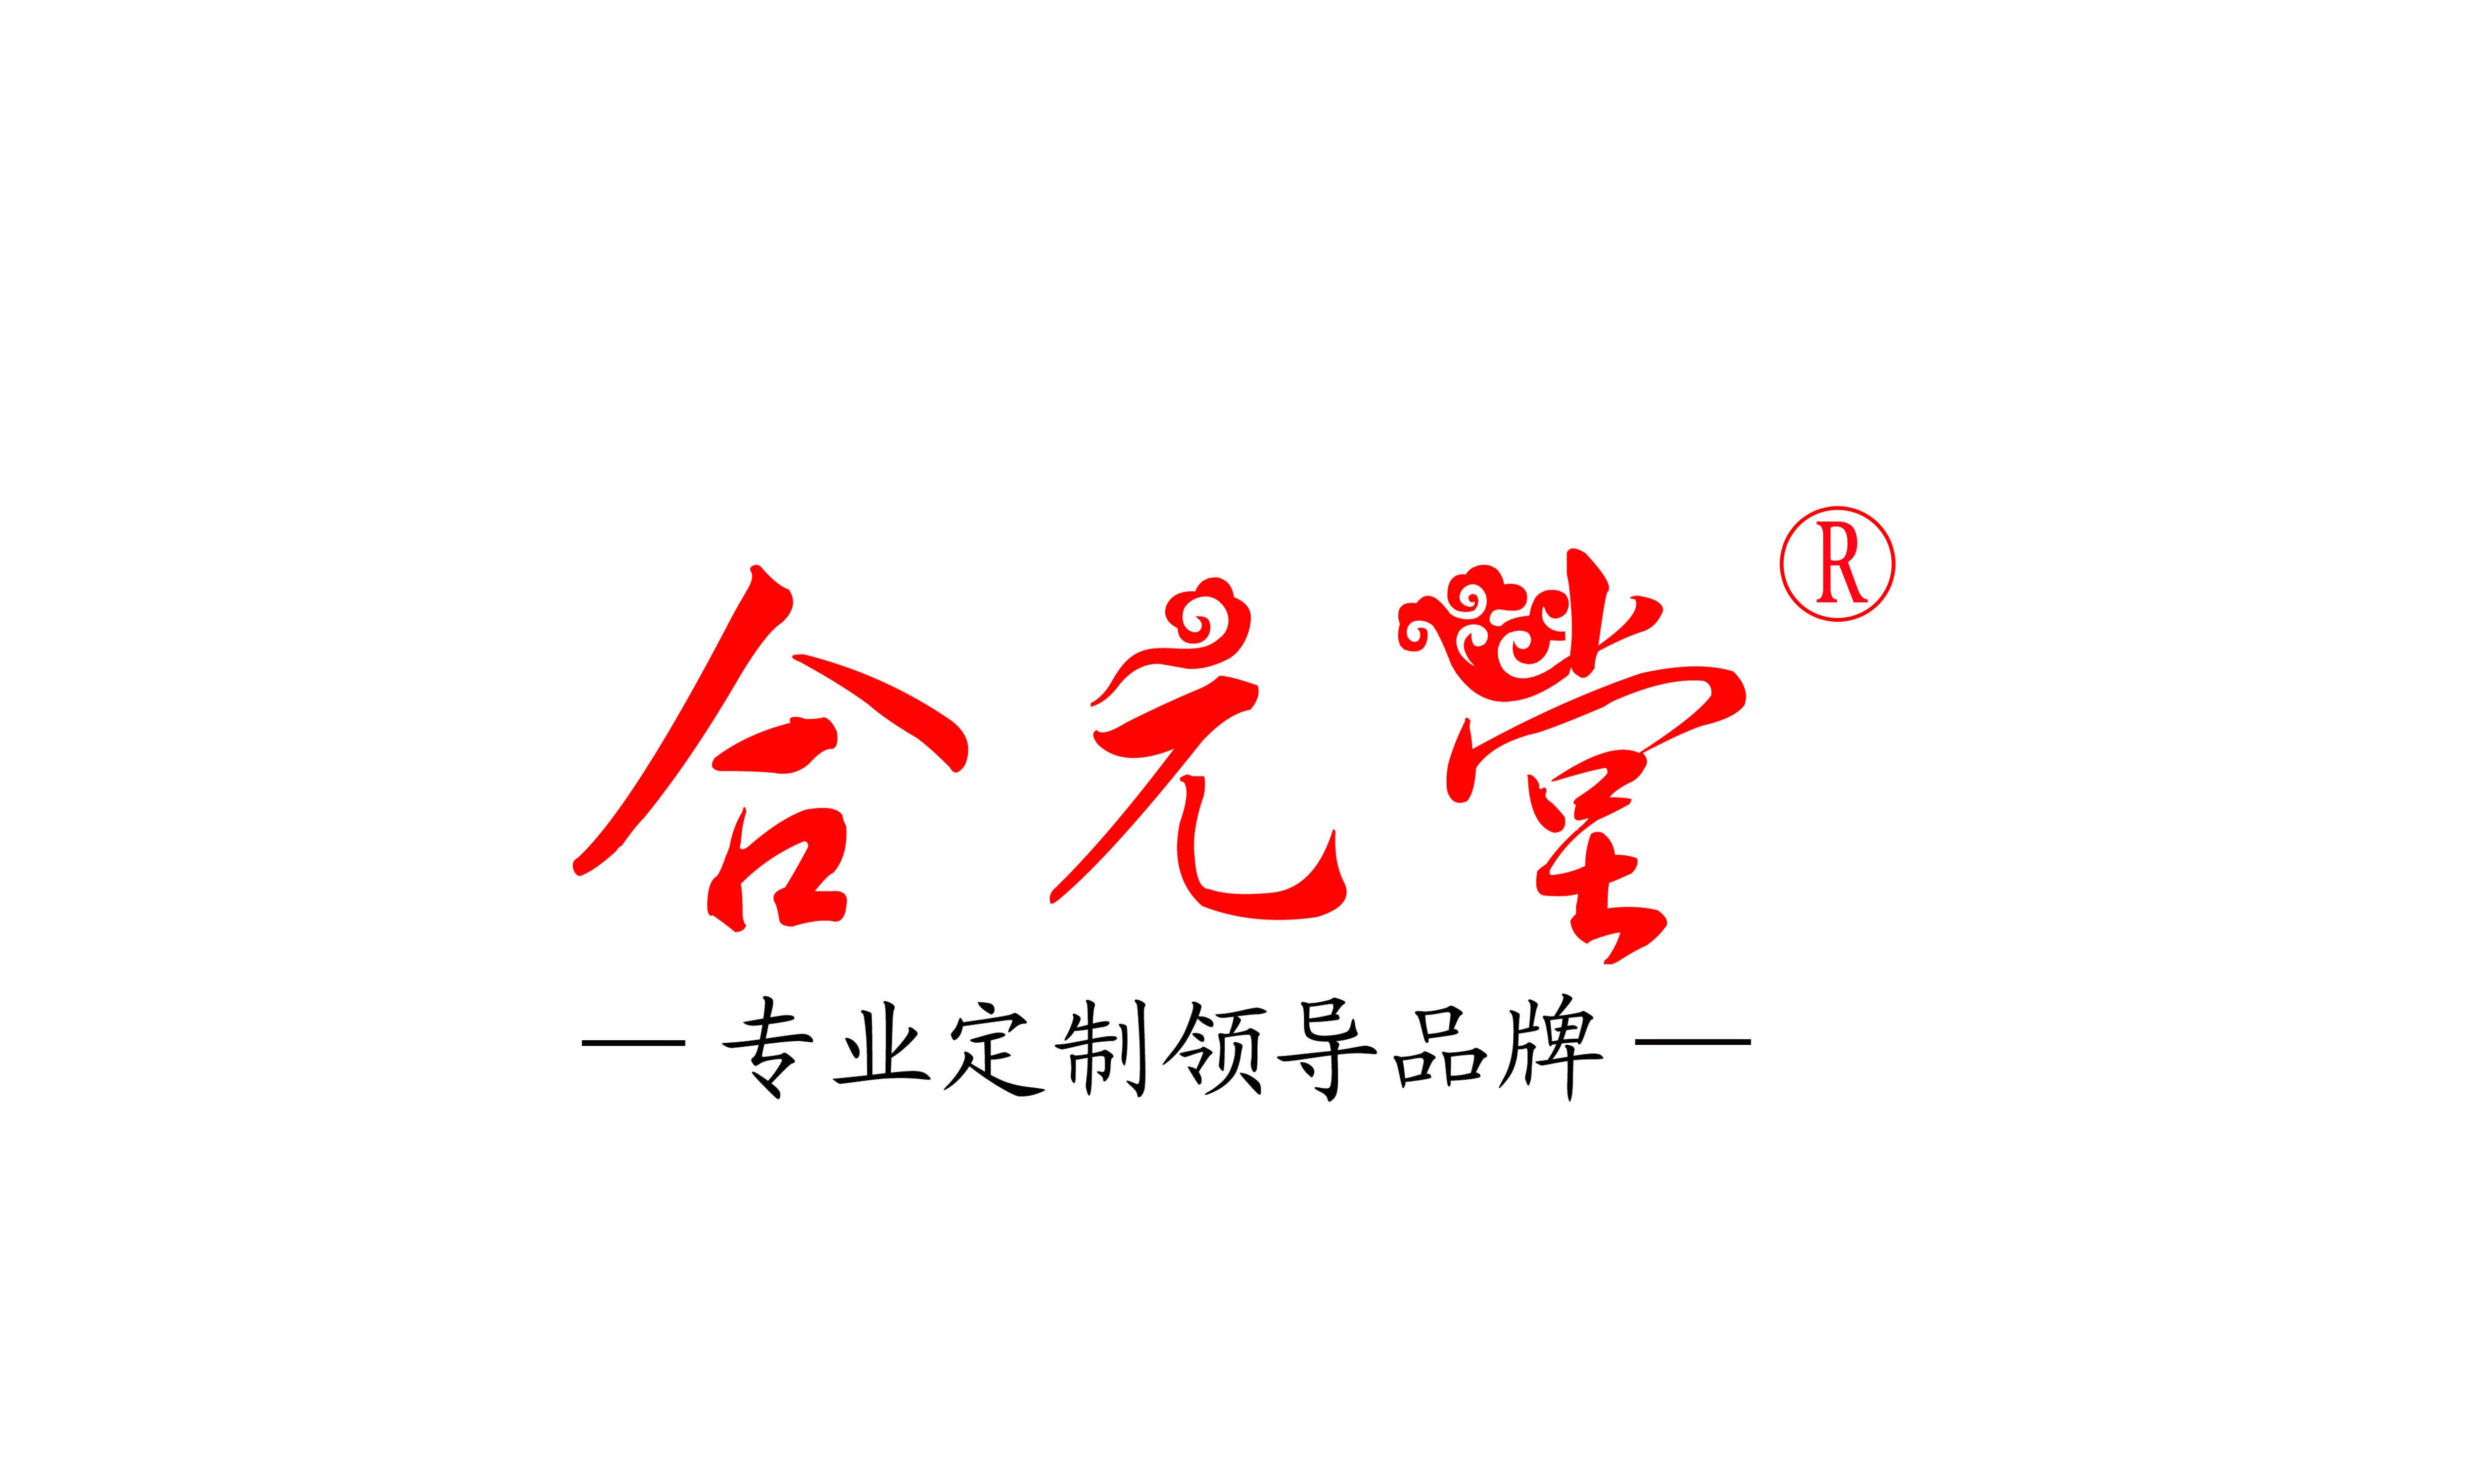 合元堂陶瓷礼品加盟